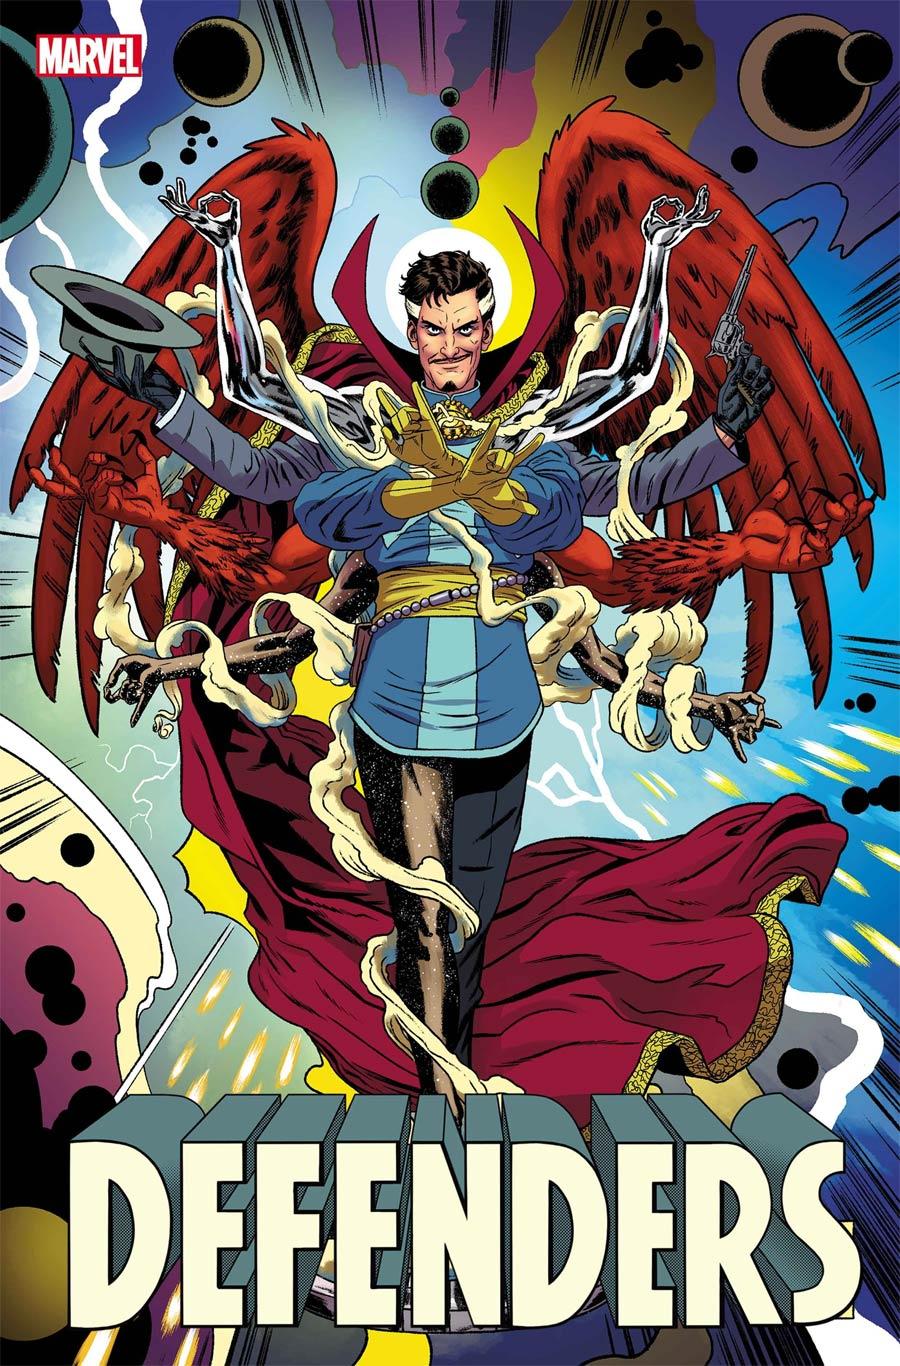 Defenders Vol 6 #2 Cover C Variant Joe Quinones Cover